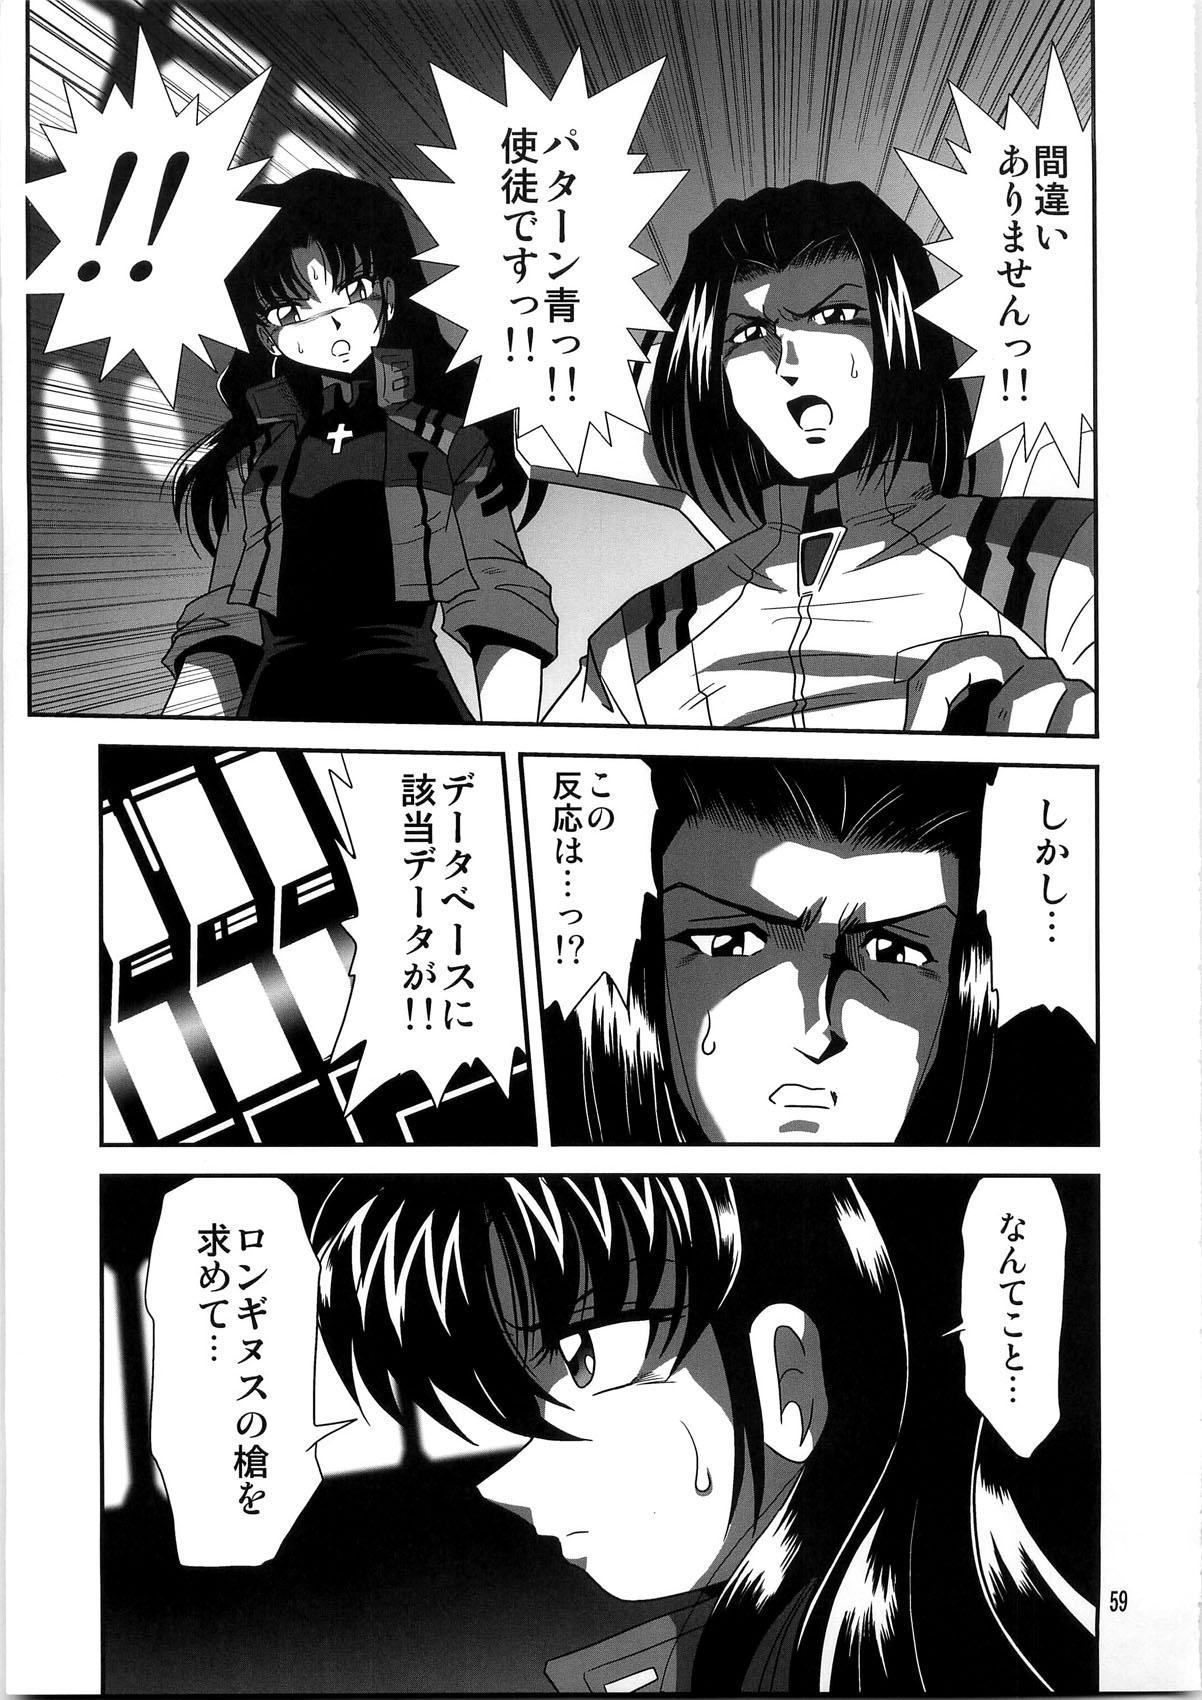 Second Uchuu Keikaku 4 58